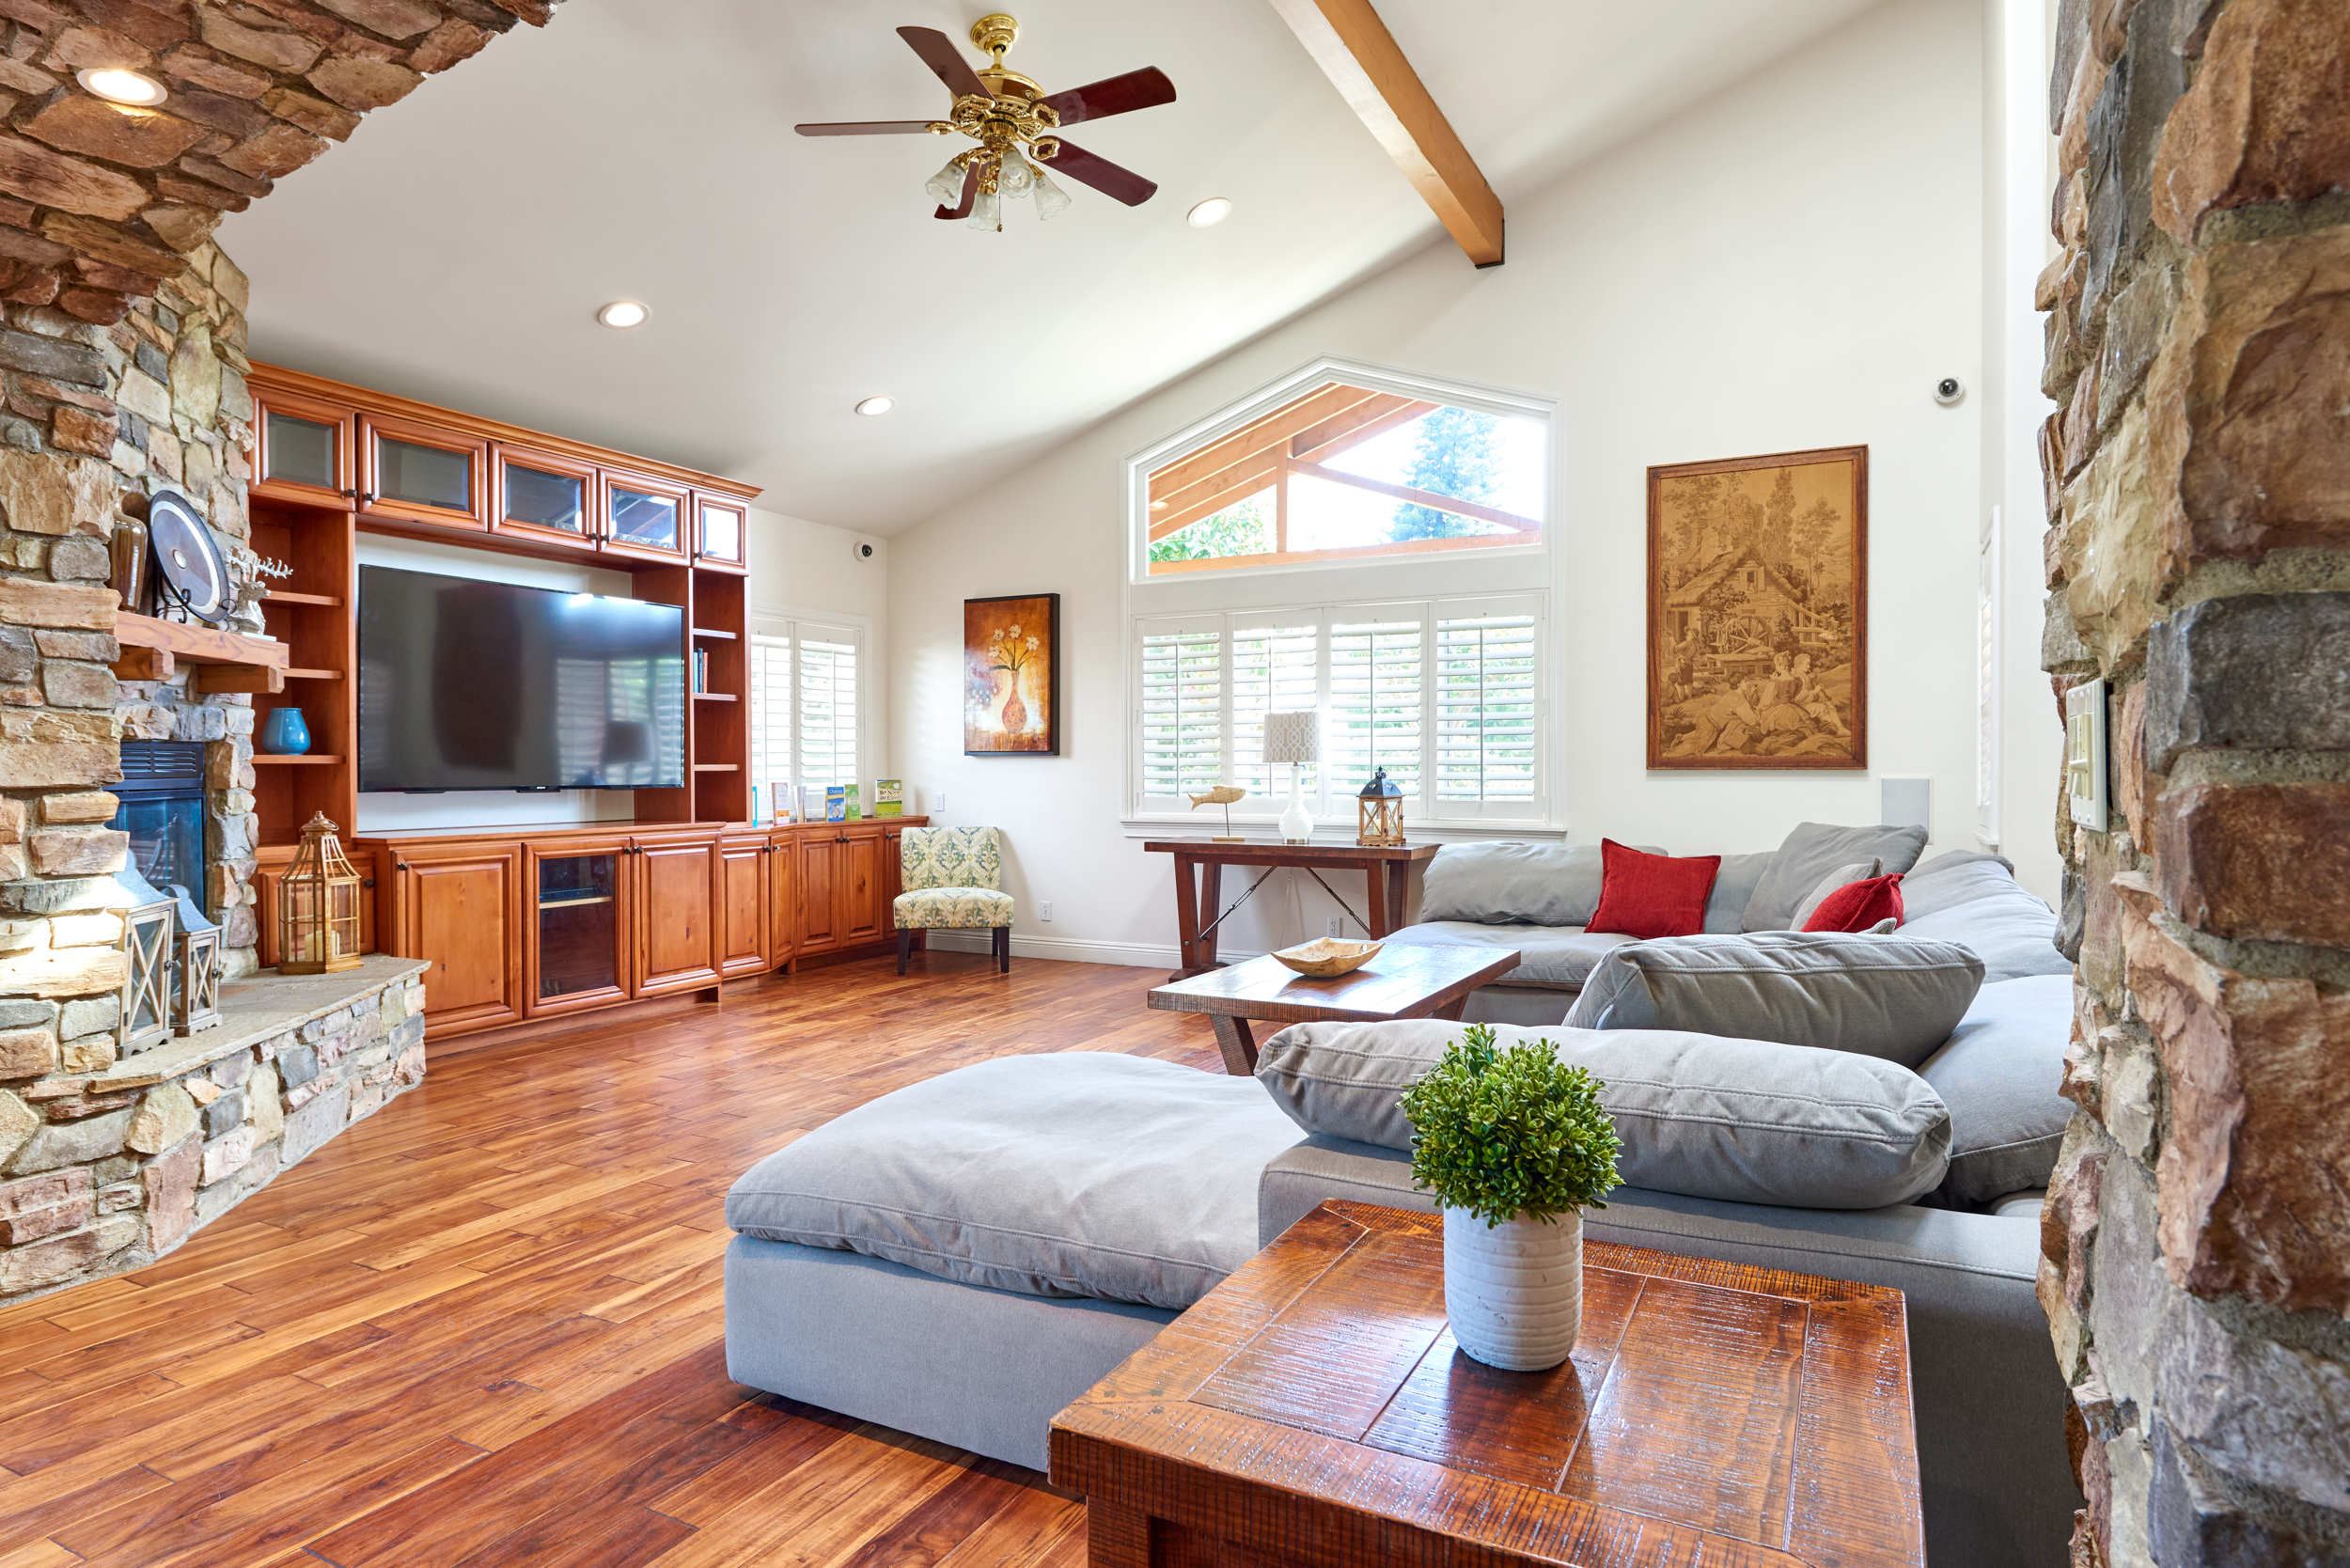 https://secureservercdn.net/198.71.233.107/zgw.2cd.myftpupload.com/wp-content/uploads/2020/08/Gratitude-Lodge-Long-Beach-Living-Room.jpg?time=1607134972